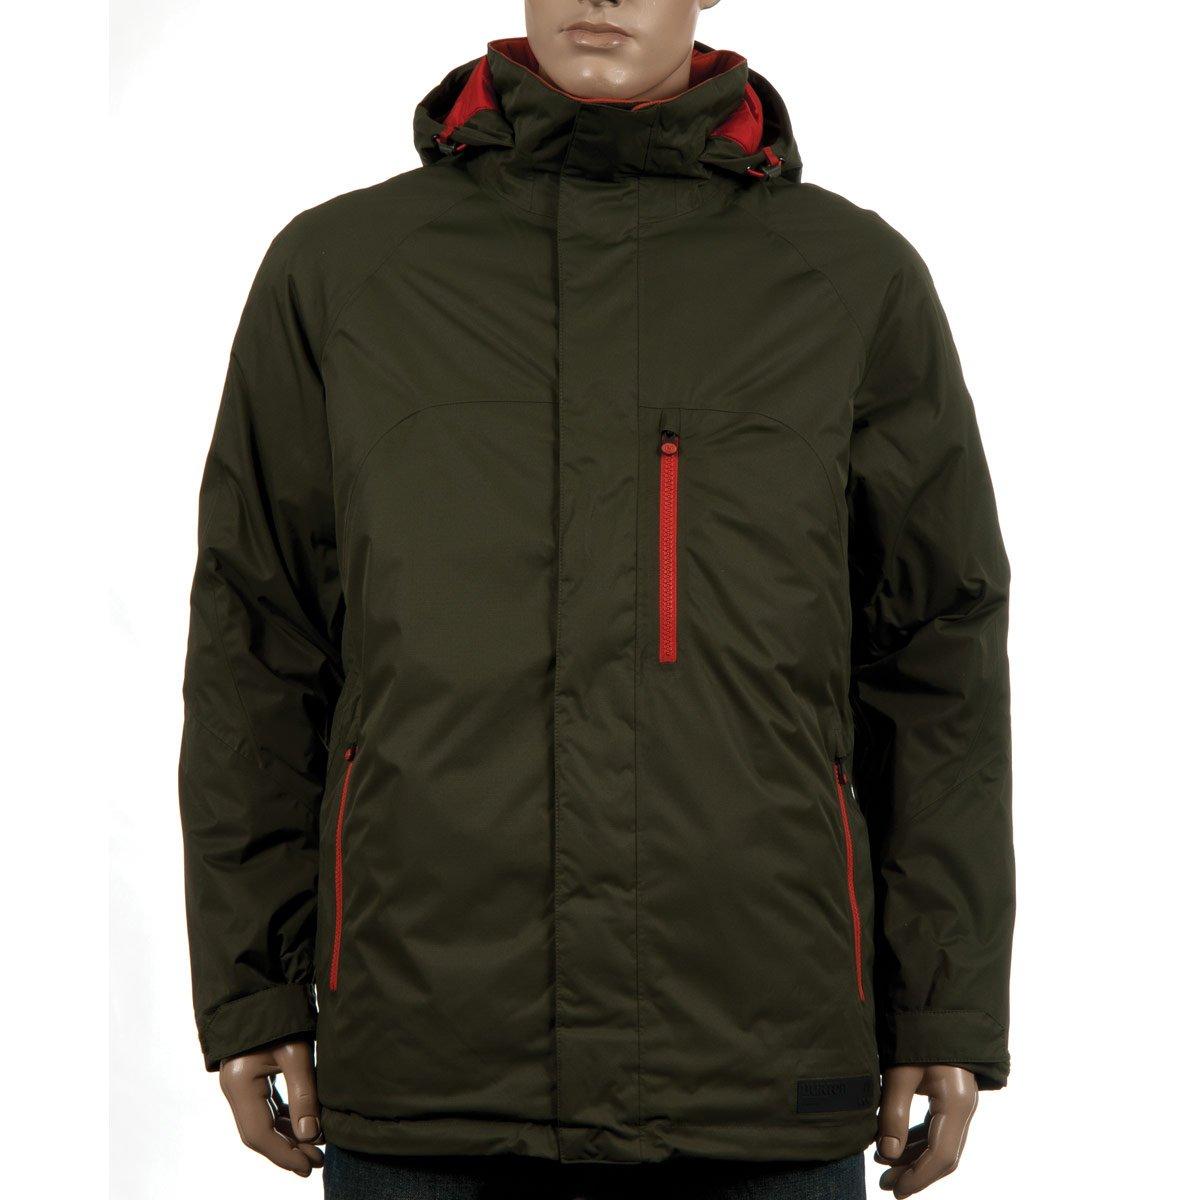 Burton Hostile Snowboard Jacket Schwag Green günstig bestellen